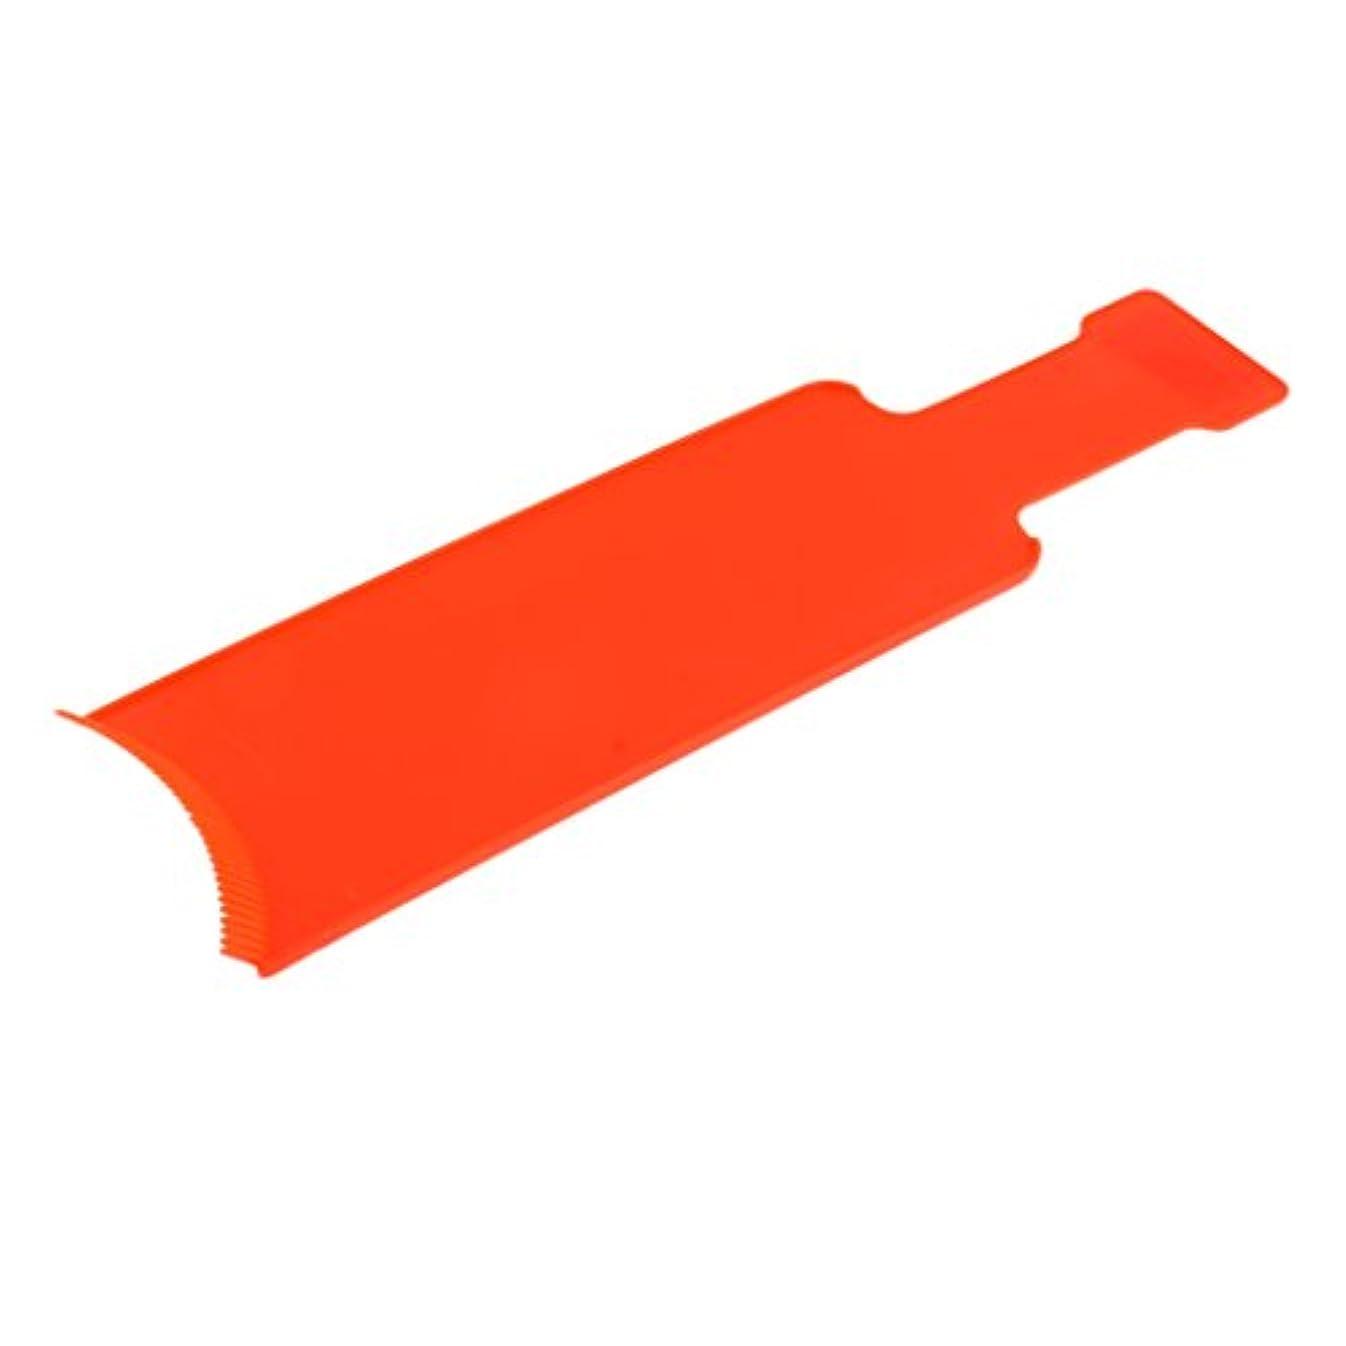 薬を飲む感嘆神経染色櫛プレート 染めボード ヘアカラー 櫛 着色ボード ヘアブラシ セルフヘルプ プロ 家庭用 2サイズ2色選べる - オレンジ, L